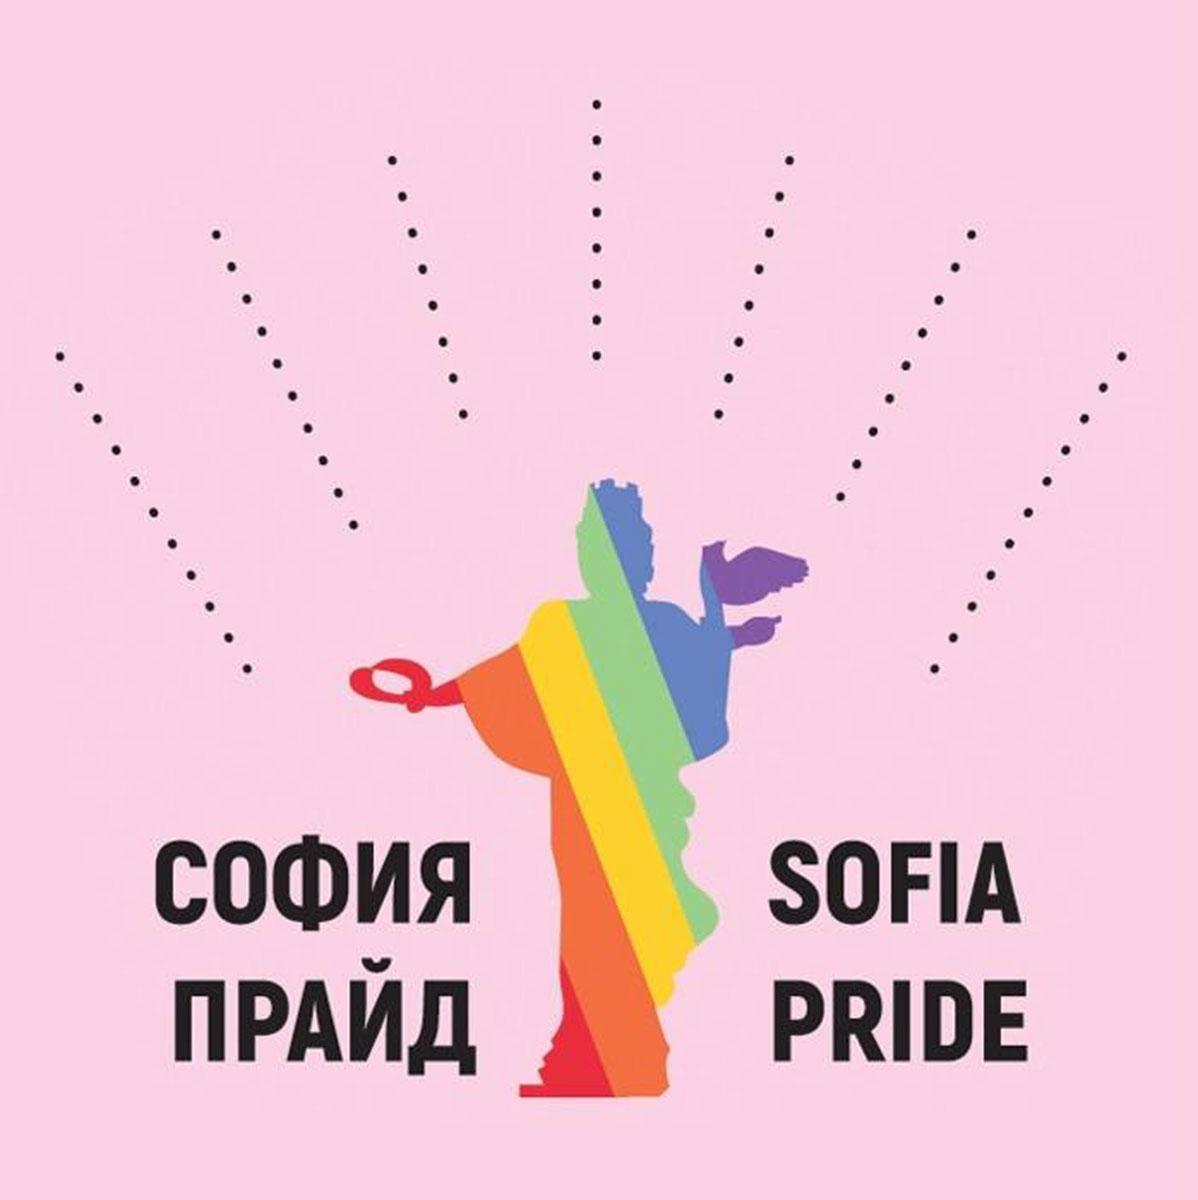 Sofia Pride – най-голямото ежегодно правозащитно събитие в България